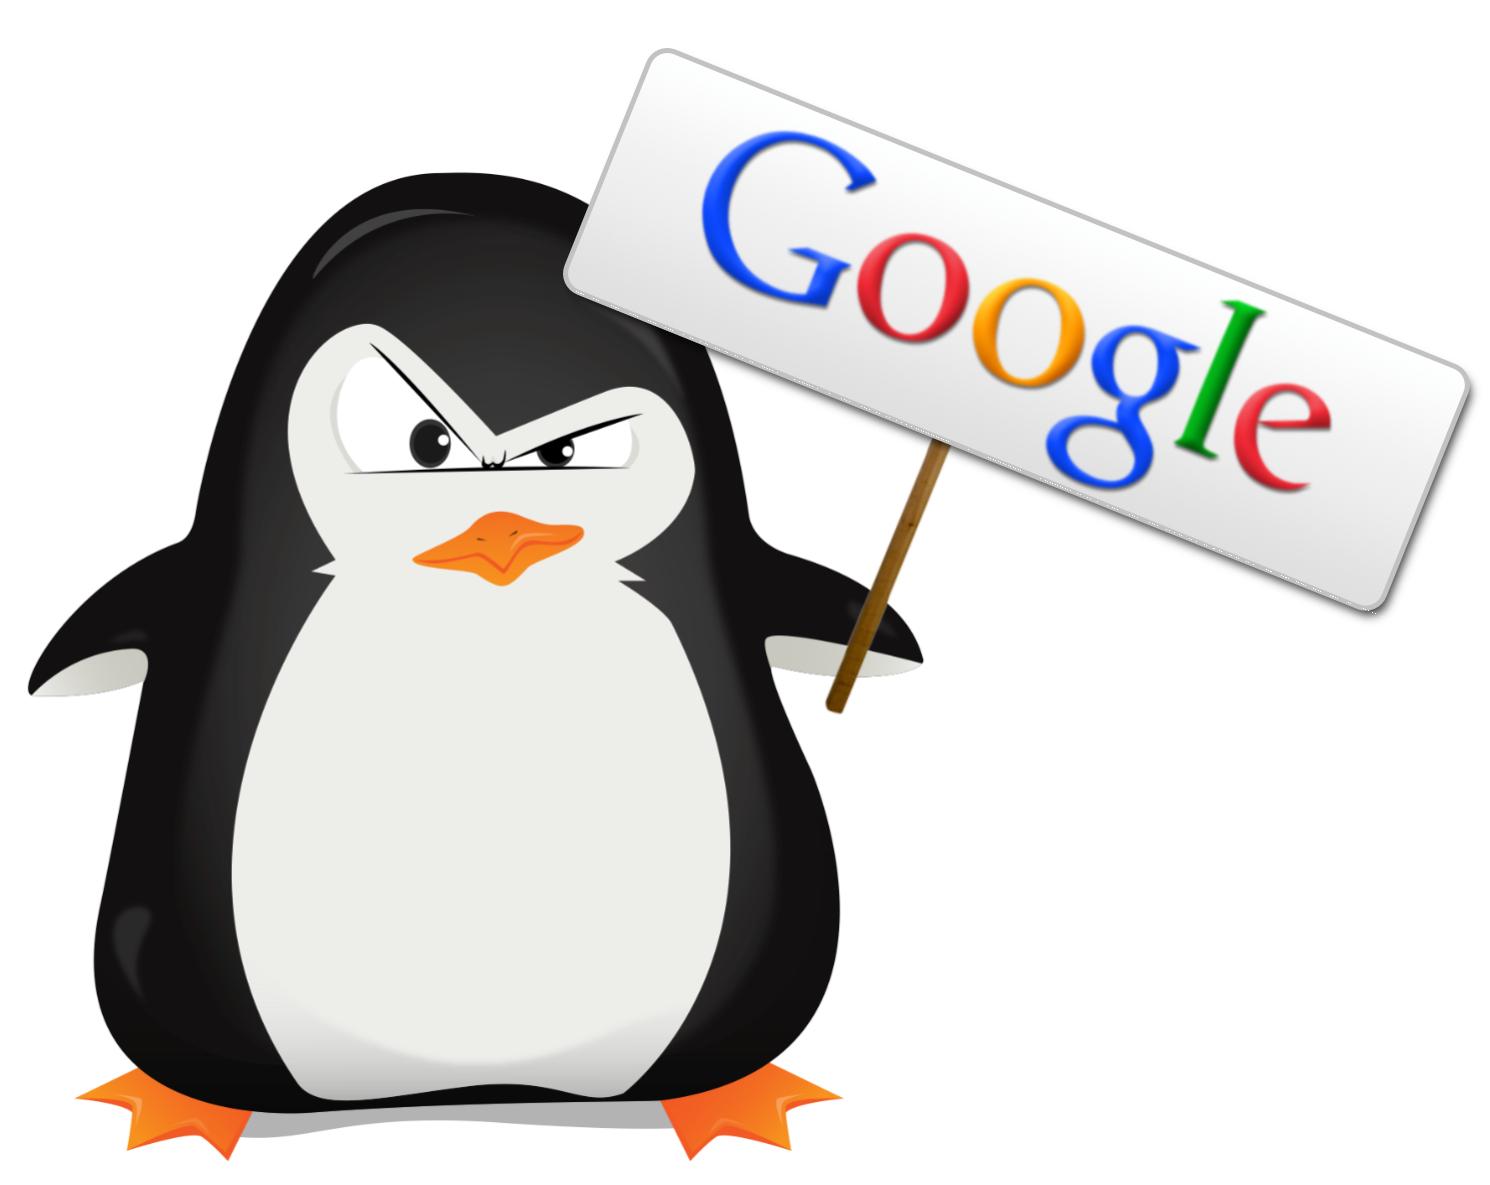 Google-ի Penguin ալգորիթմը